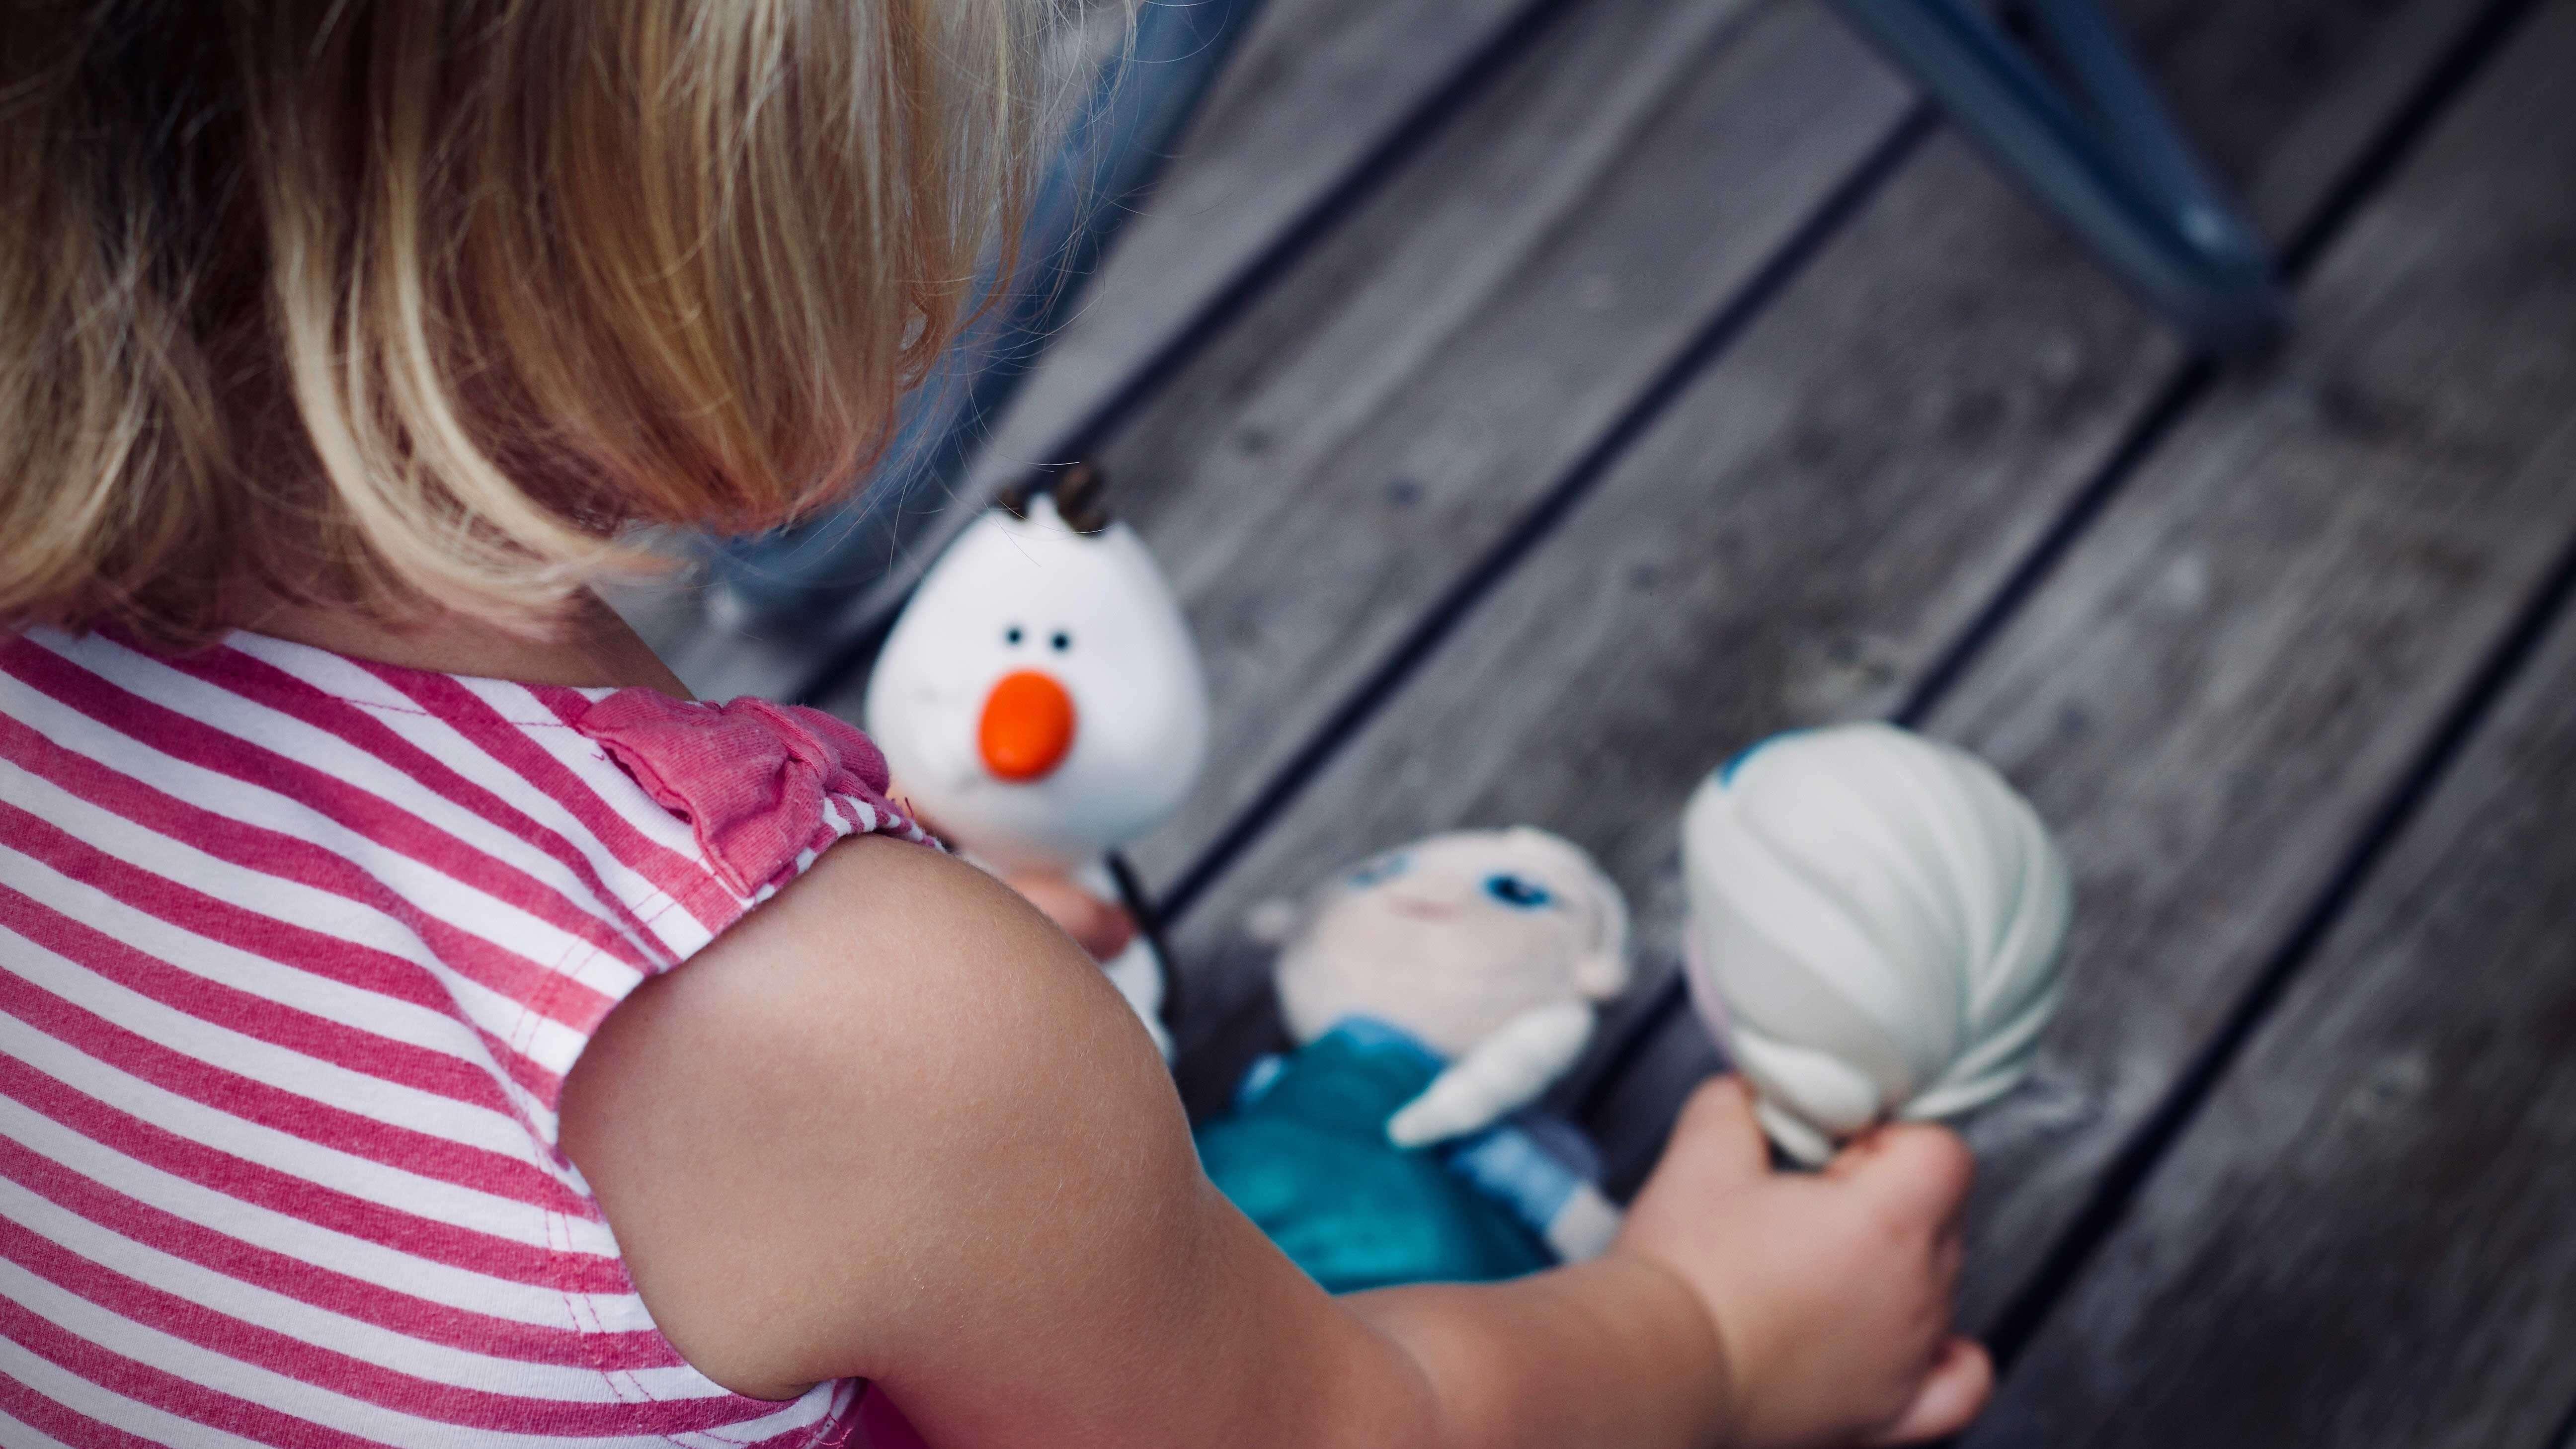 Garotinha brincando com bonecas